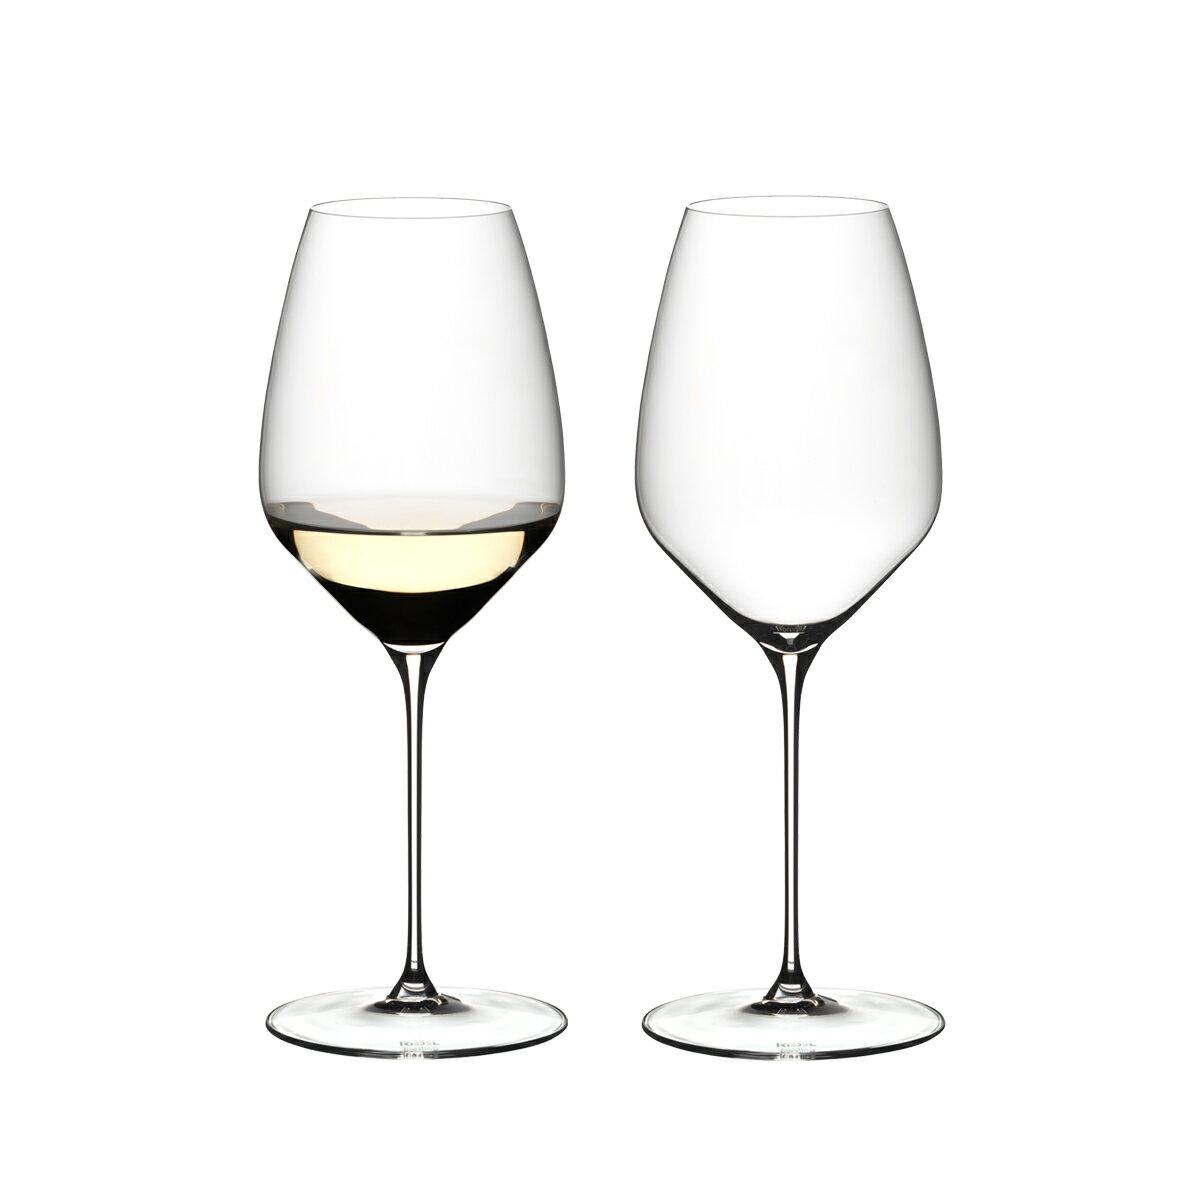 リーデル ヴェリタス カベルネ/メルロー ワイングラス 6449/0 625cc 666の写真